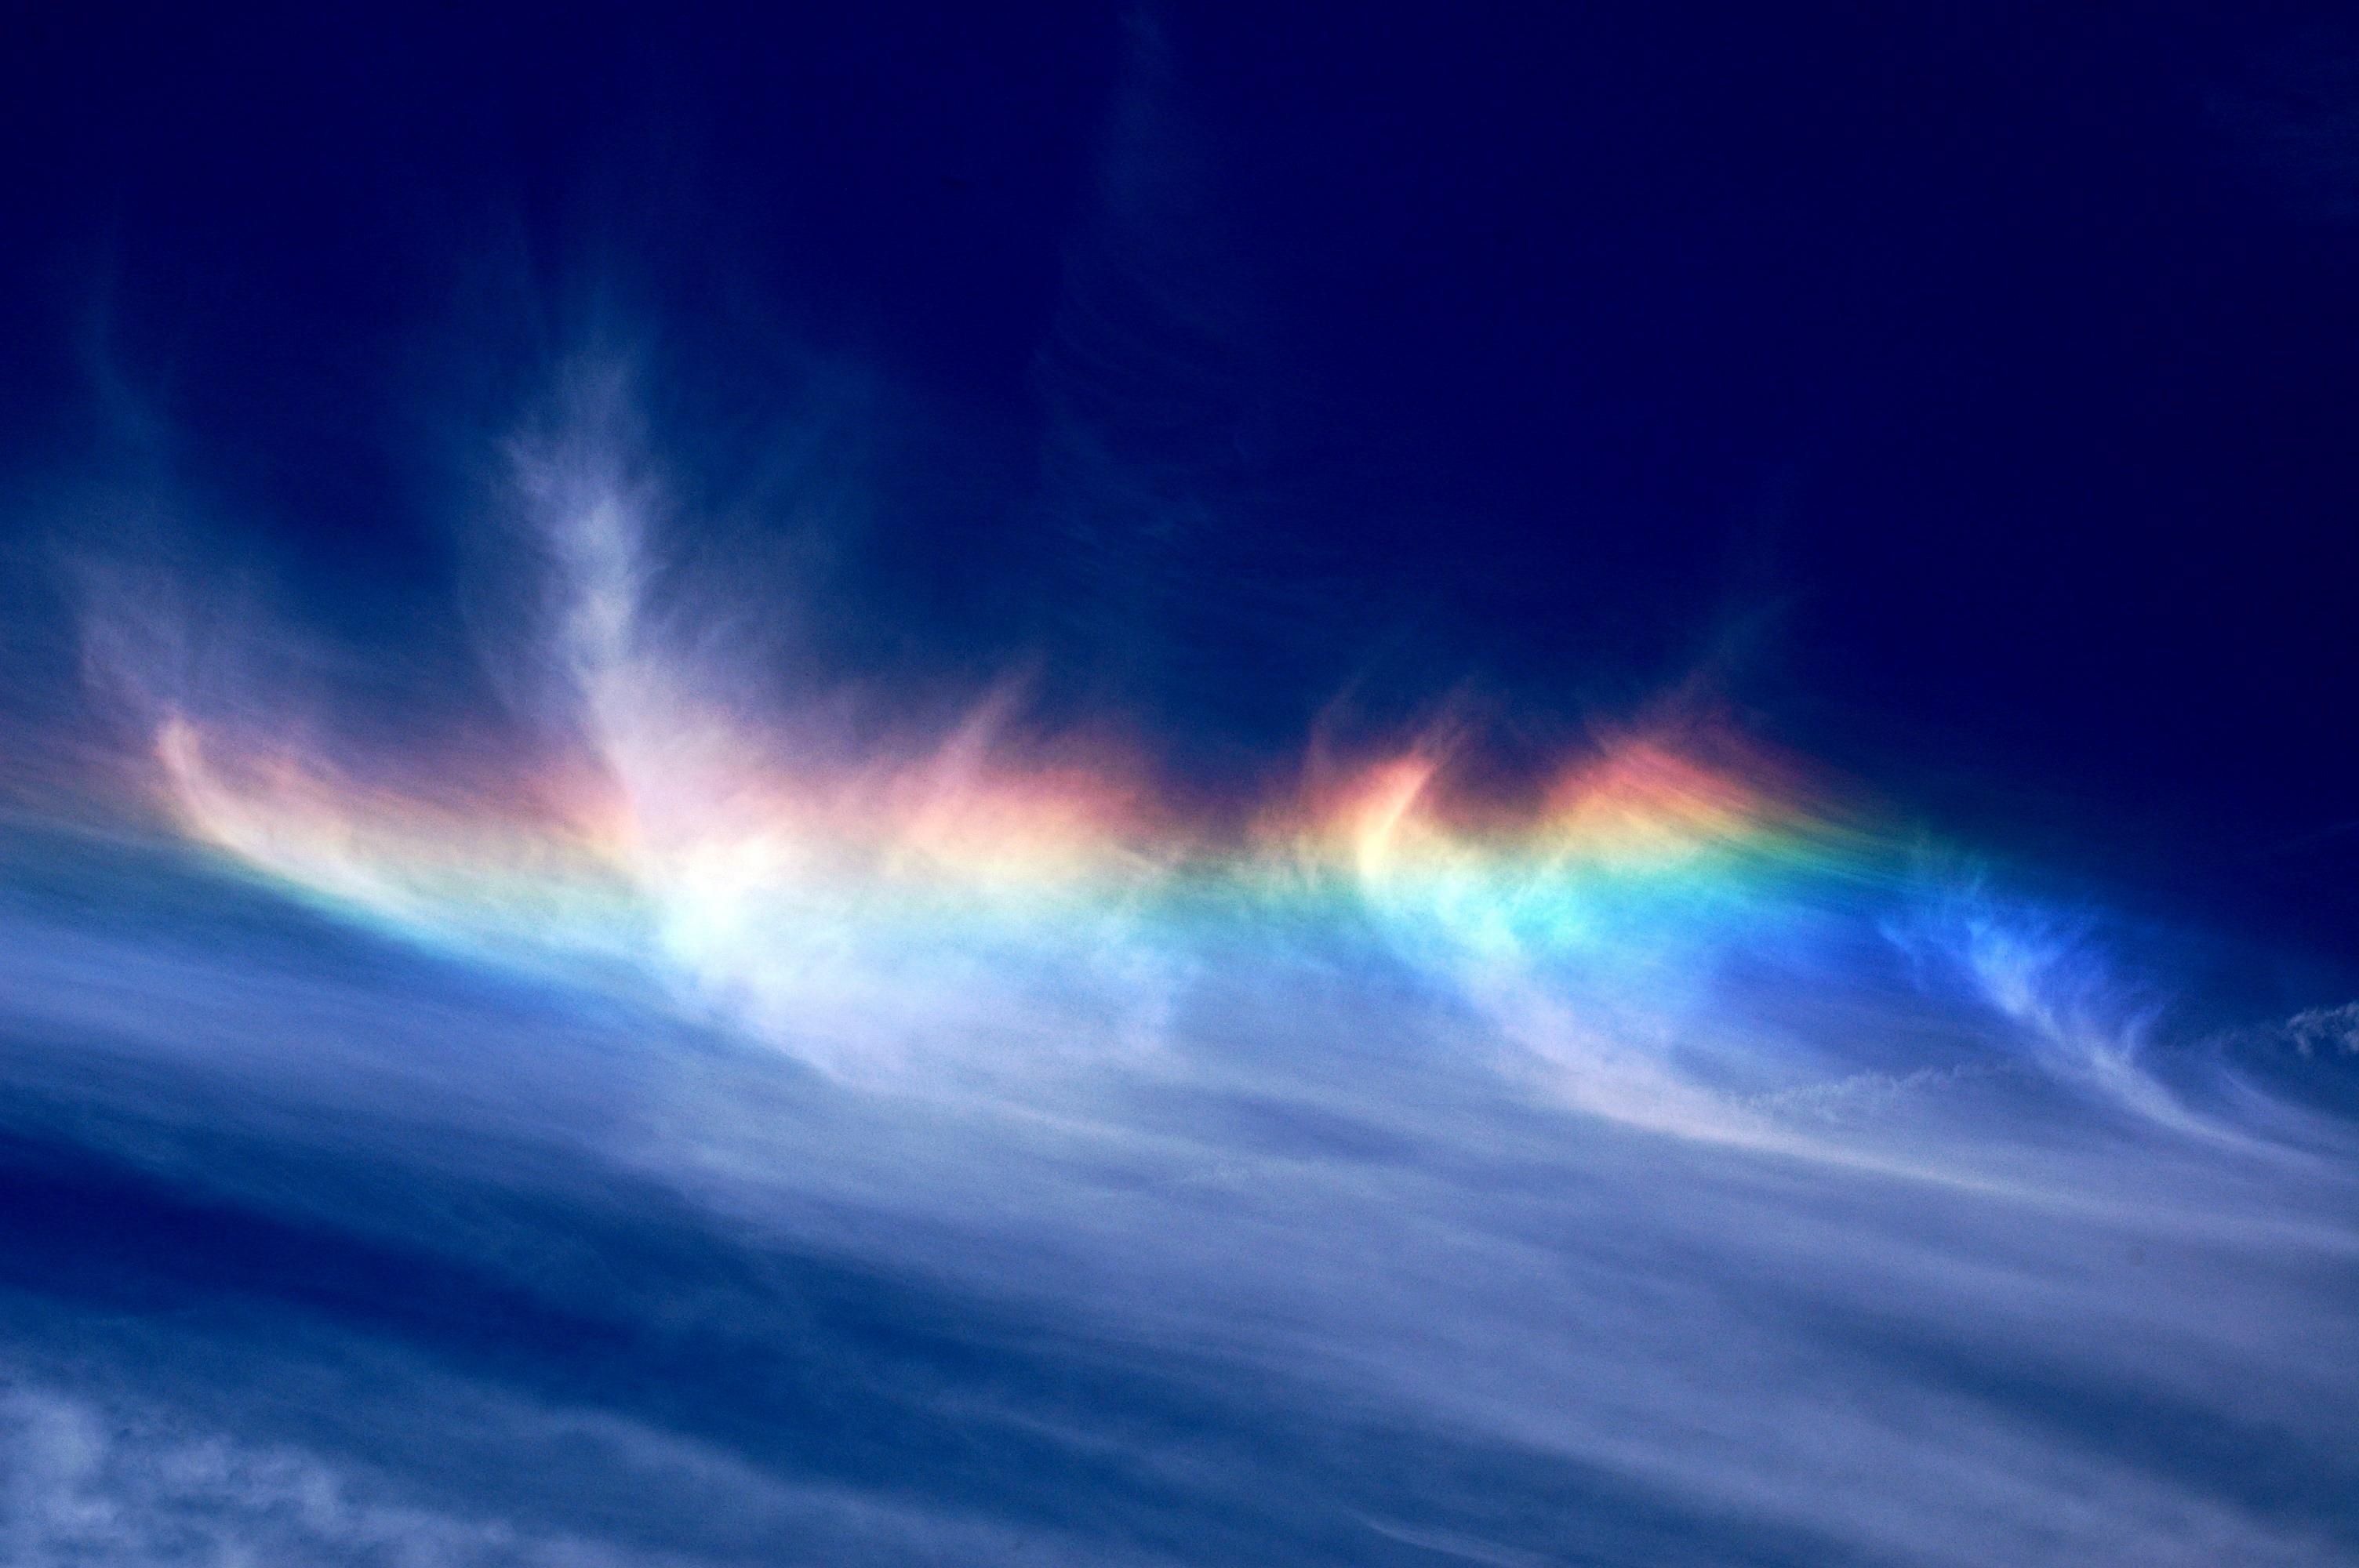 ФОТО: Огненная радуга — твоя новая самая любимая вещь на свете